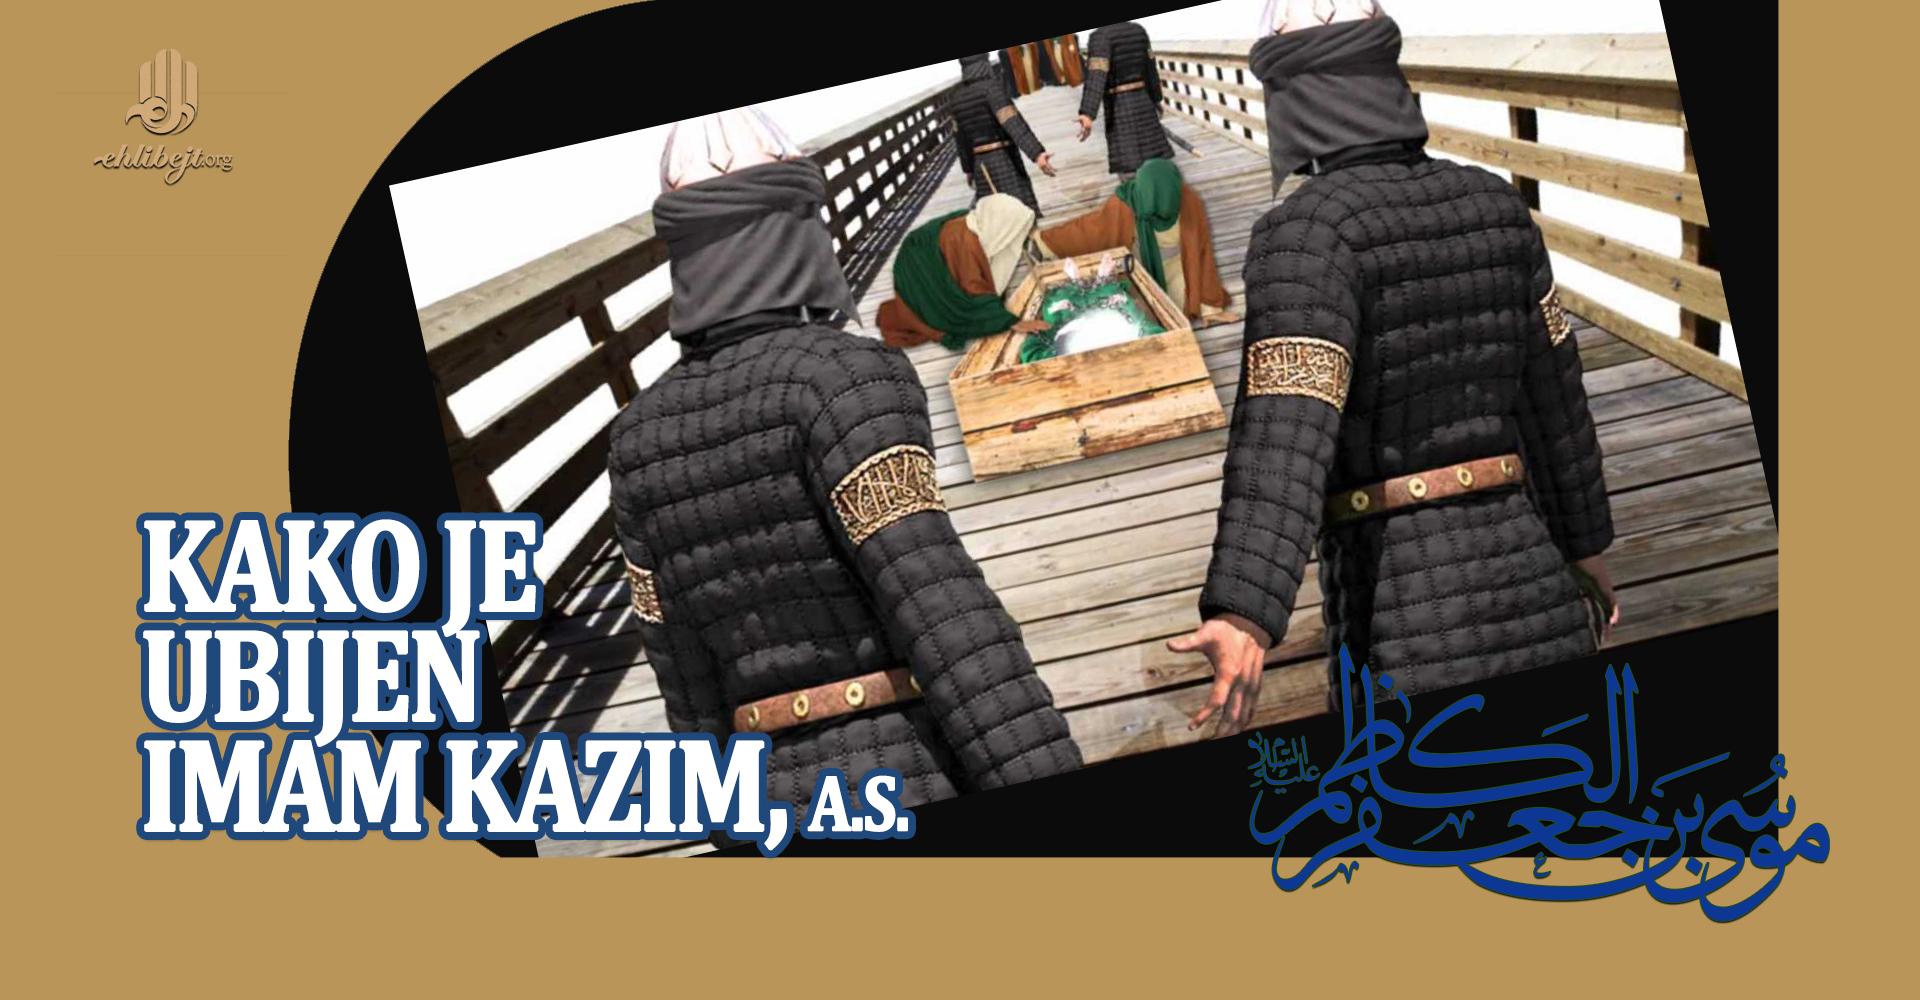 Kako je ubijen Imam Kazim, a.s.